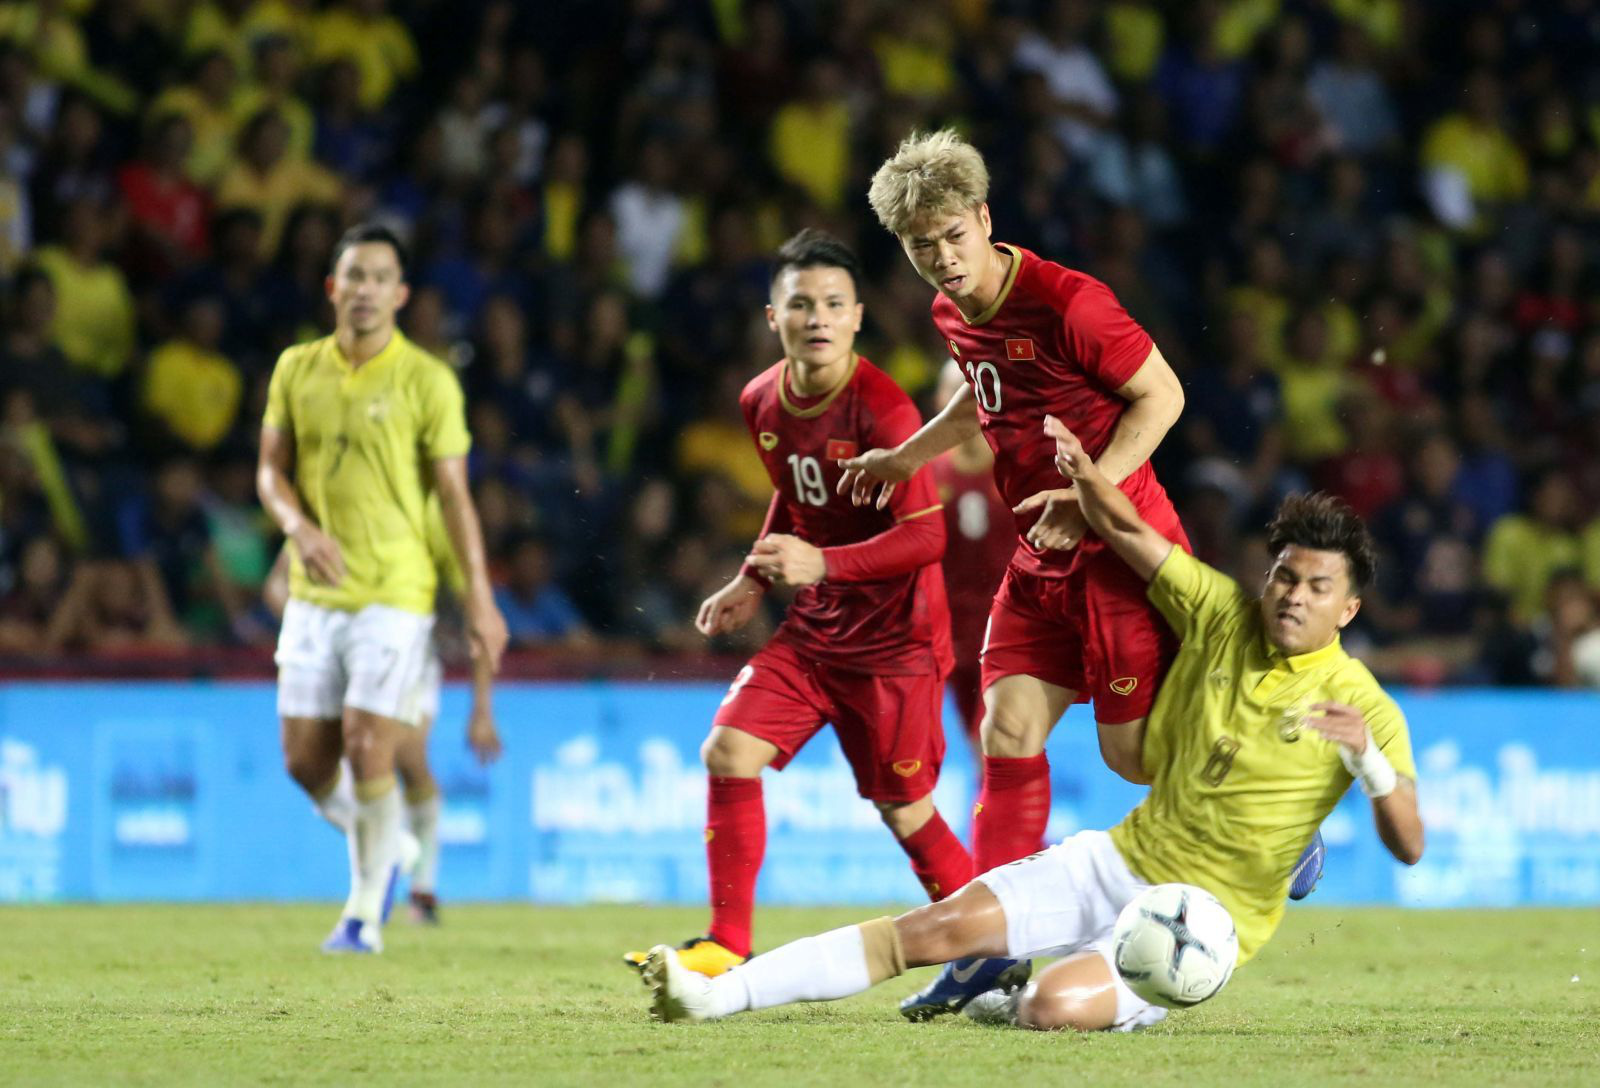 """Tin sáng (14/3): Báo Trung Quốc """"trù ẻo"""" ĐT Việt Nam tại vòng loại World Cup - Ảnh 1."""